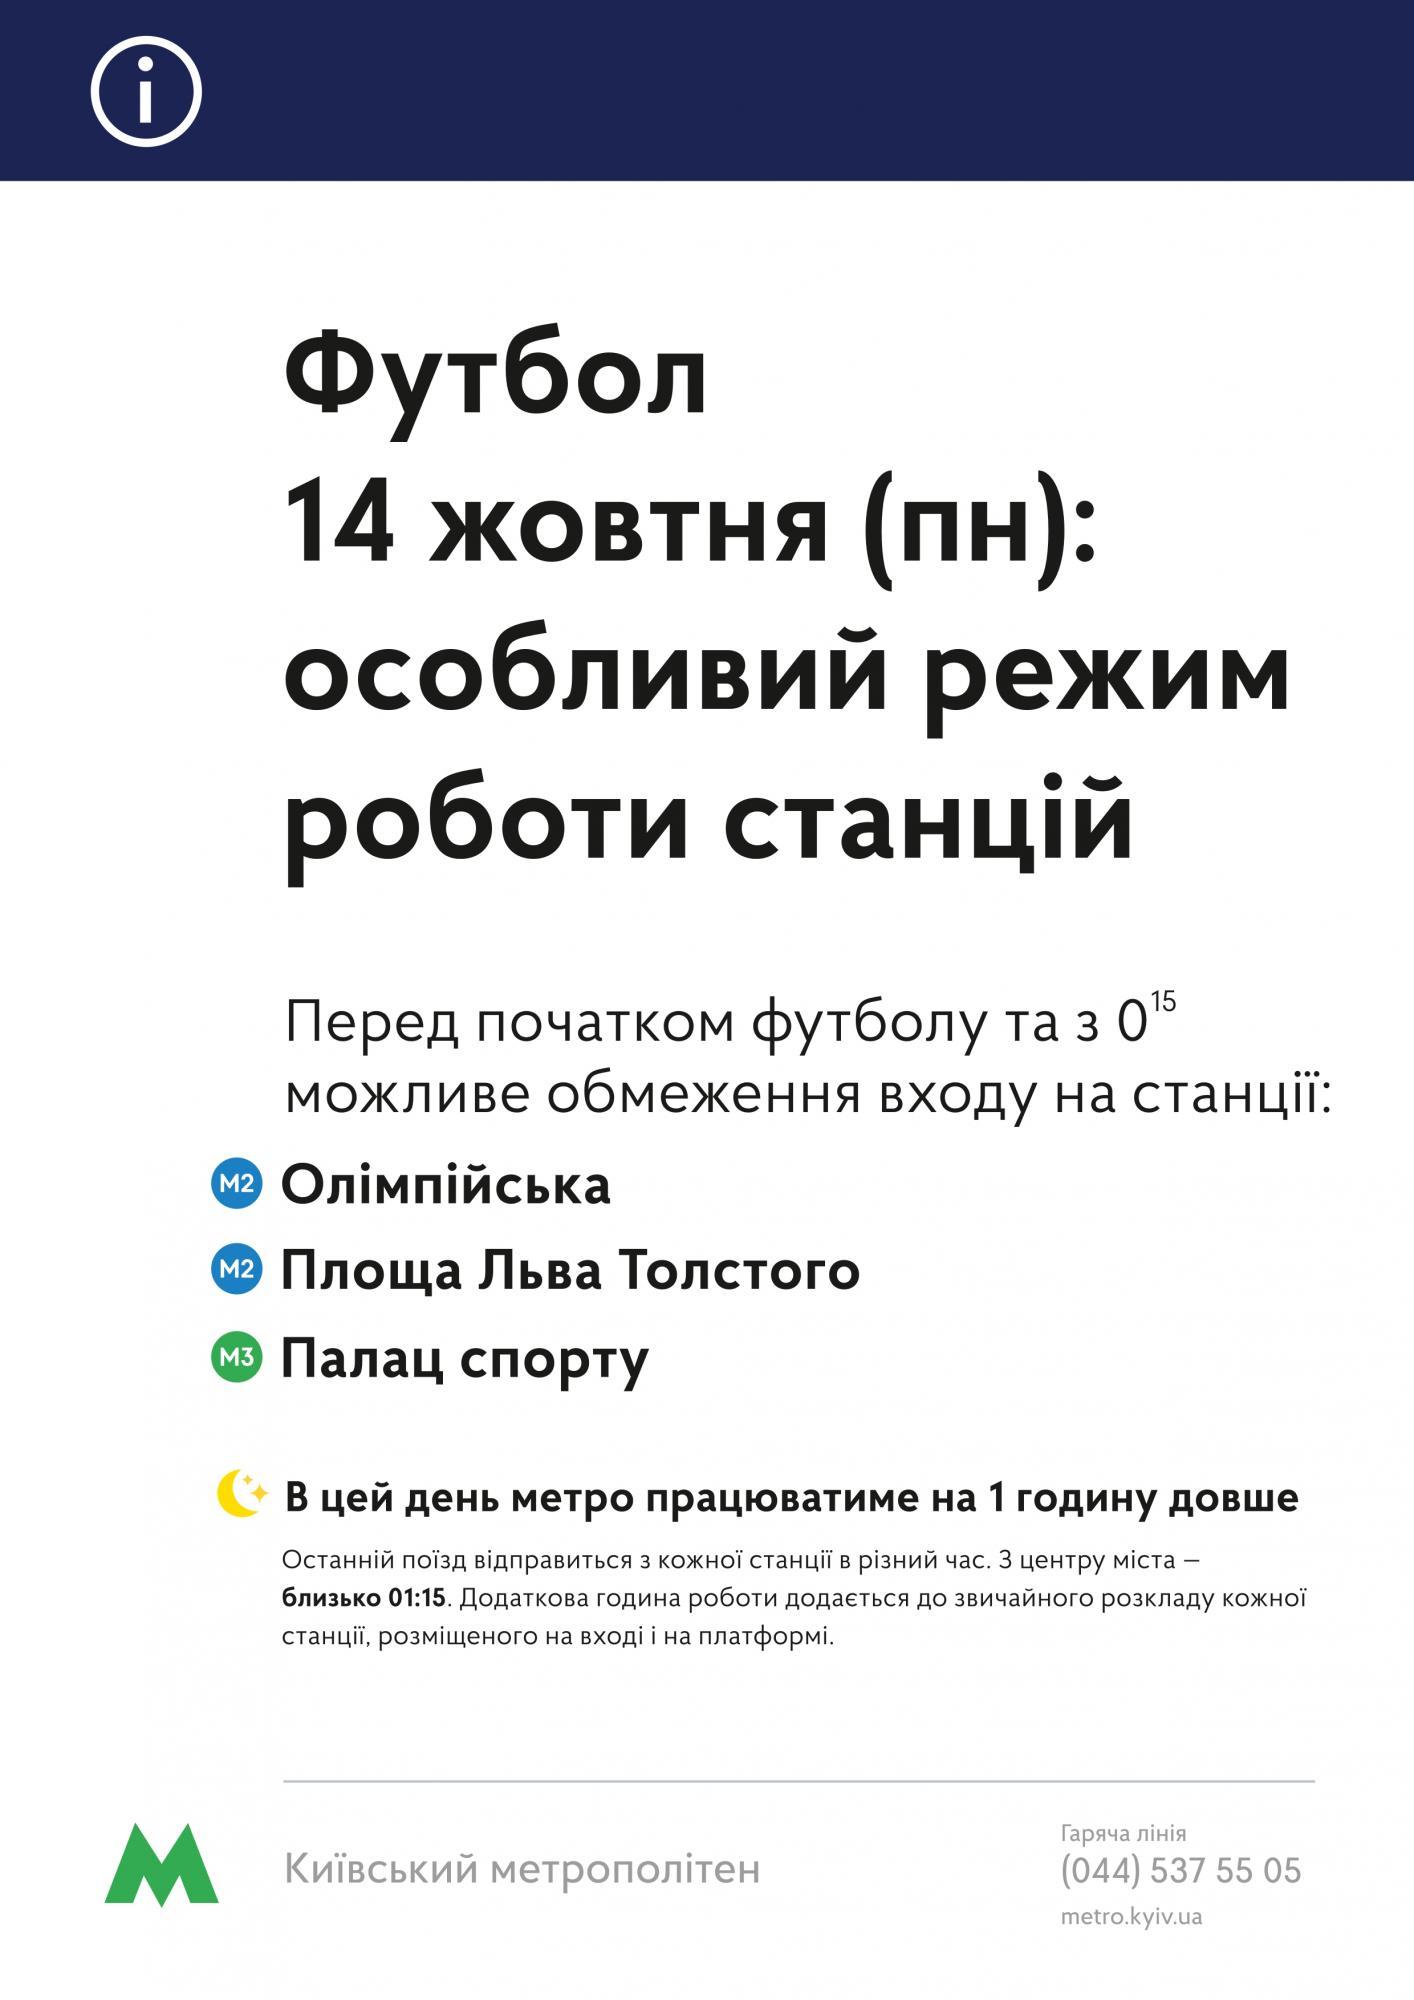 Метро Киева 14 октября будет работать в особом режиме